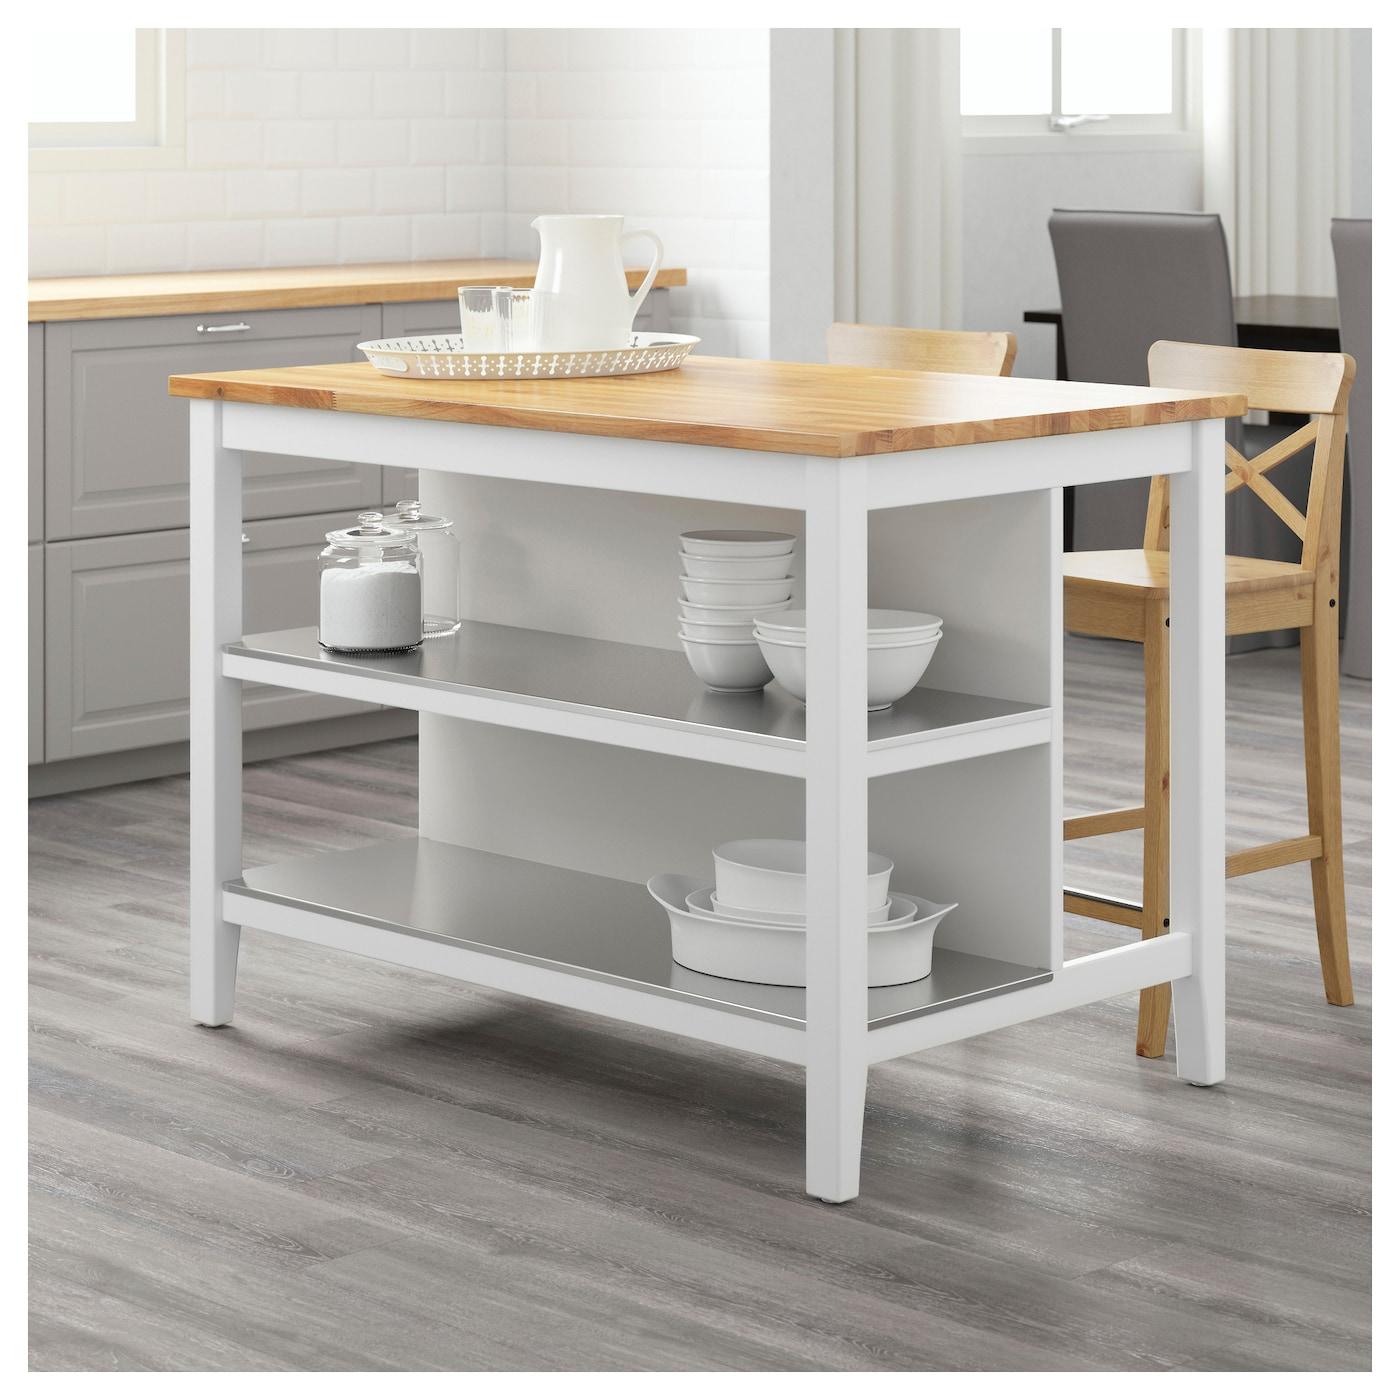 Stenstorp kitchen island white oak 126x79 cm ikea for White kitchen island